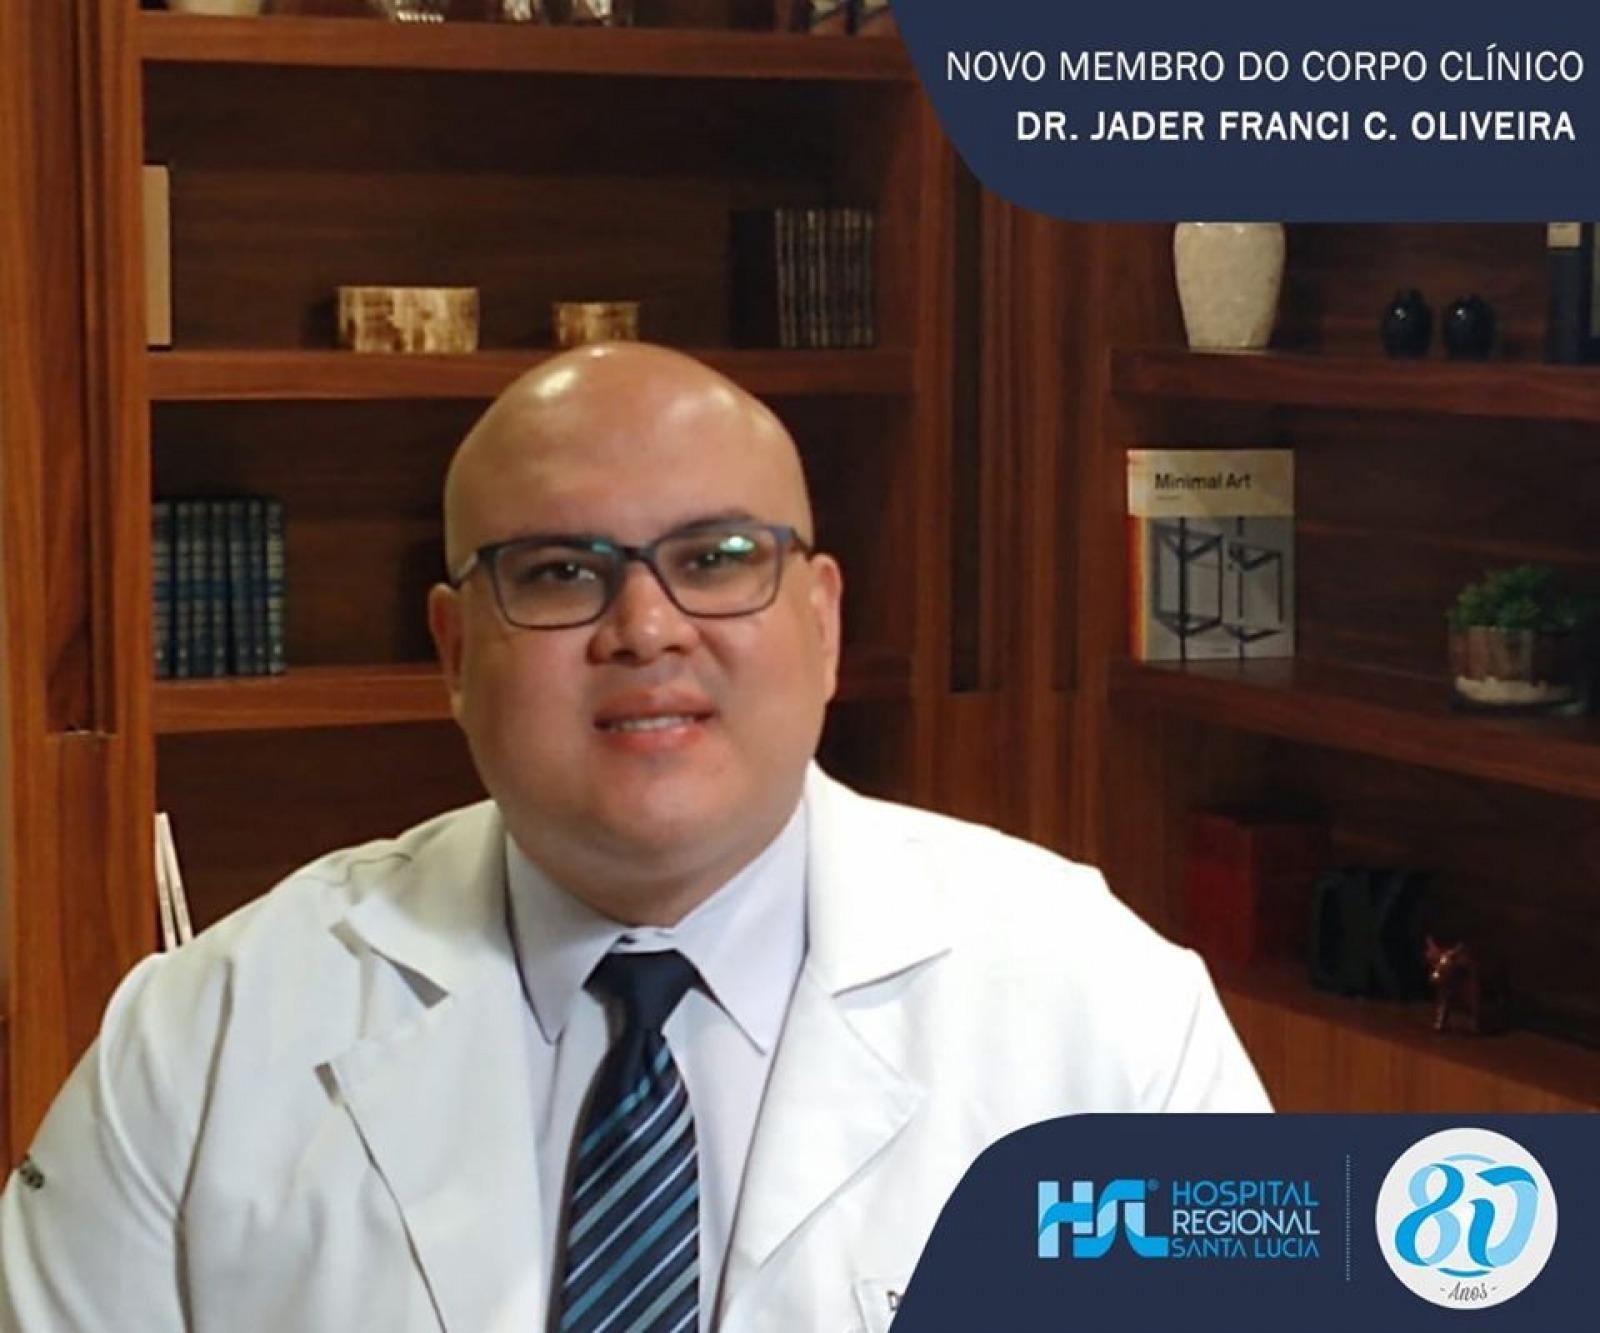 Dr. Jader Franci C. Oliveira